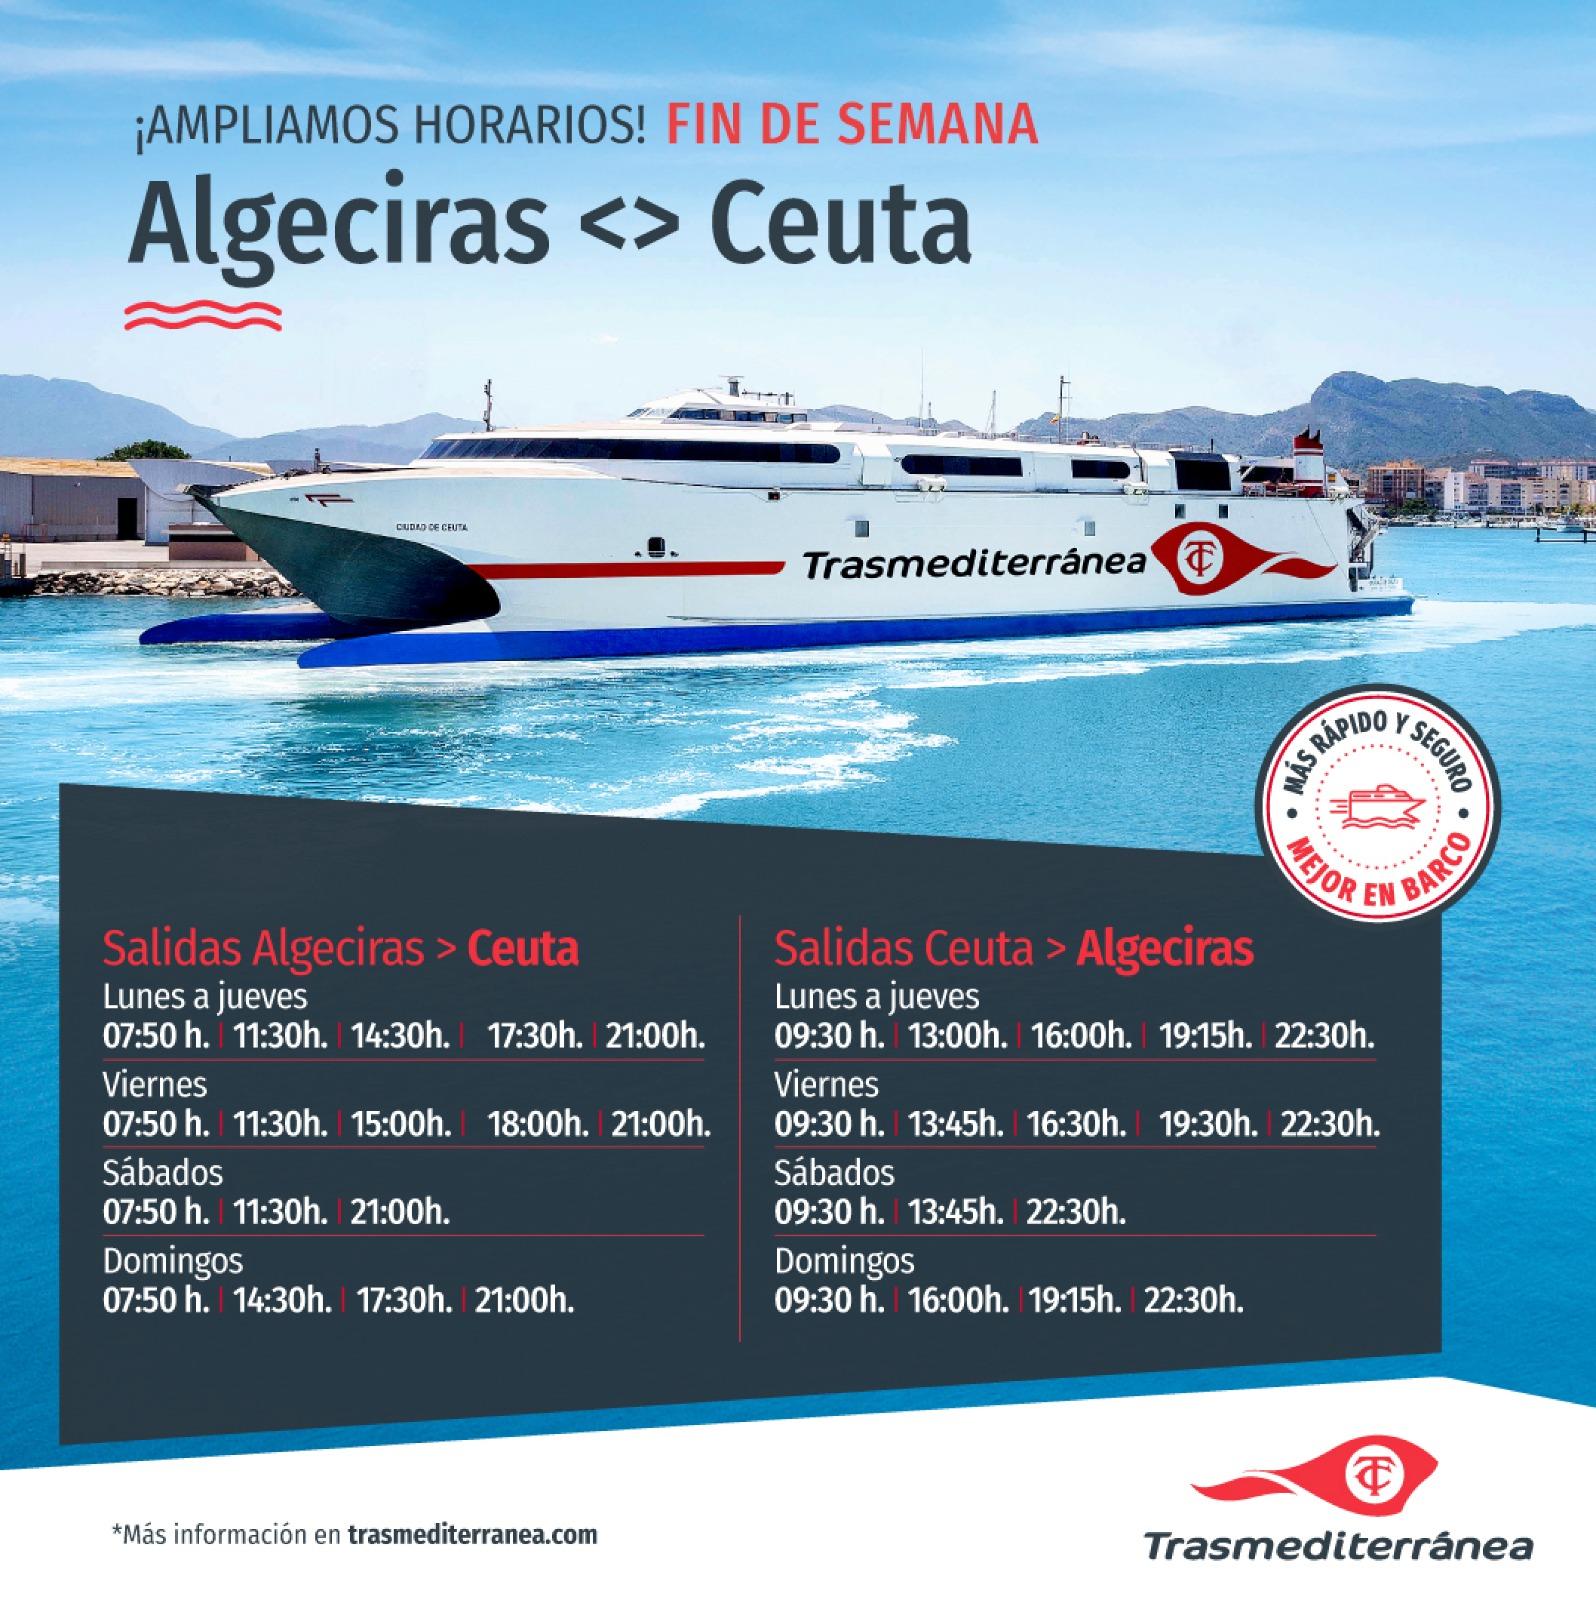 Naviera Armas Trasmediterránea refuerza Algeciras-Ceuta los fines de semana